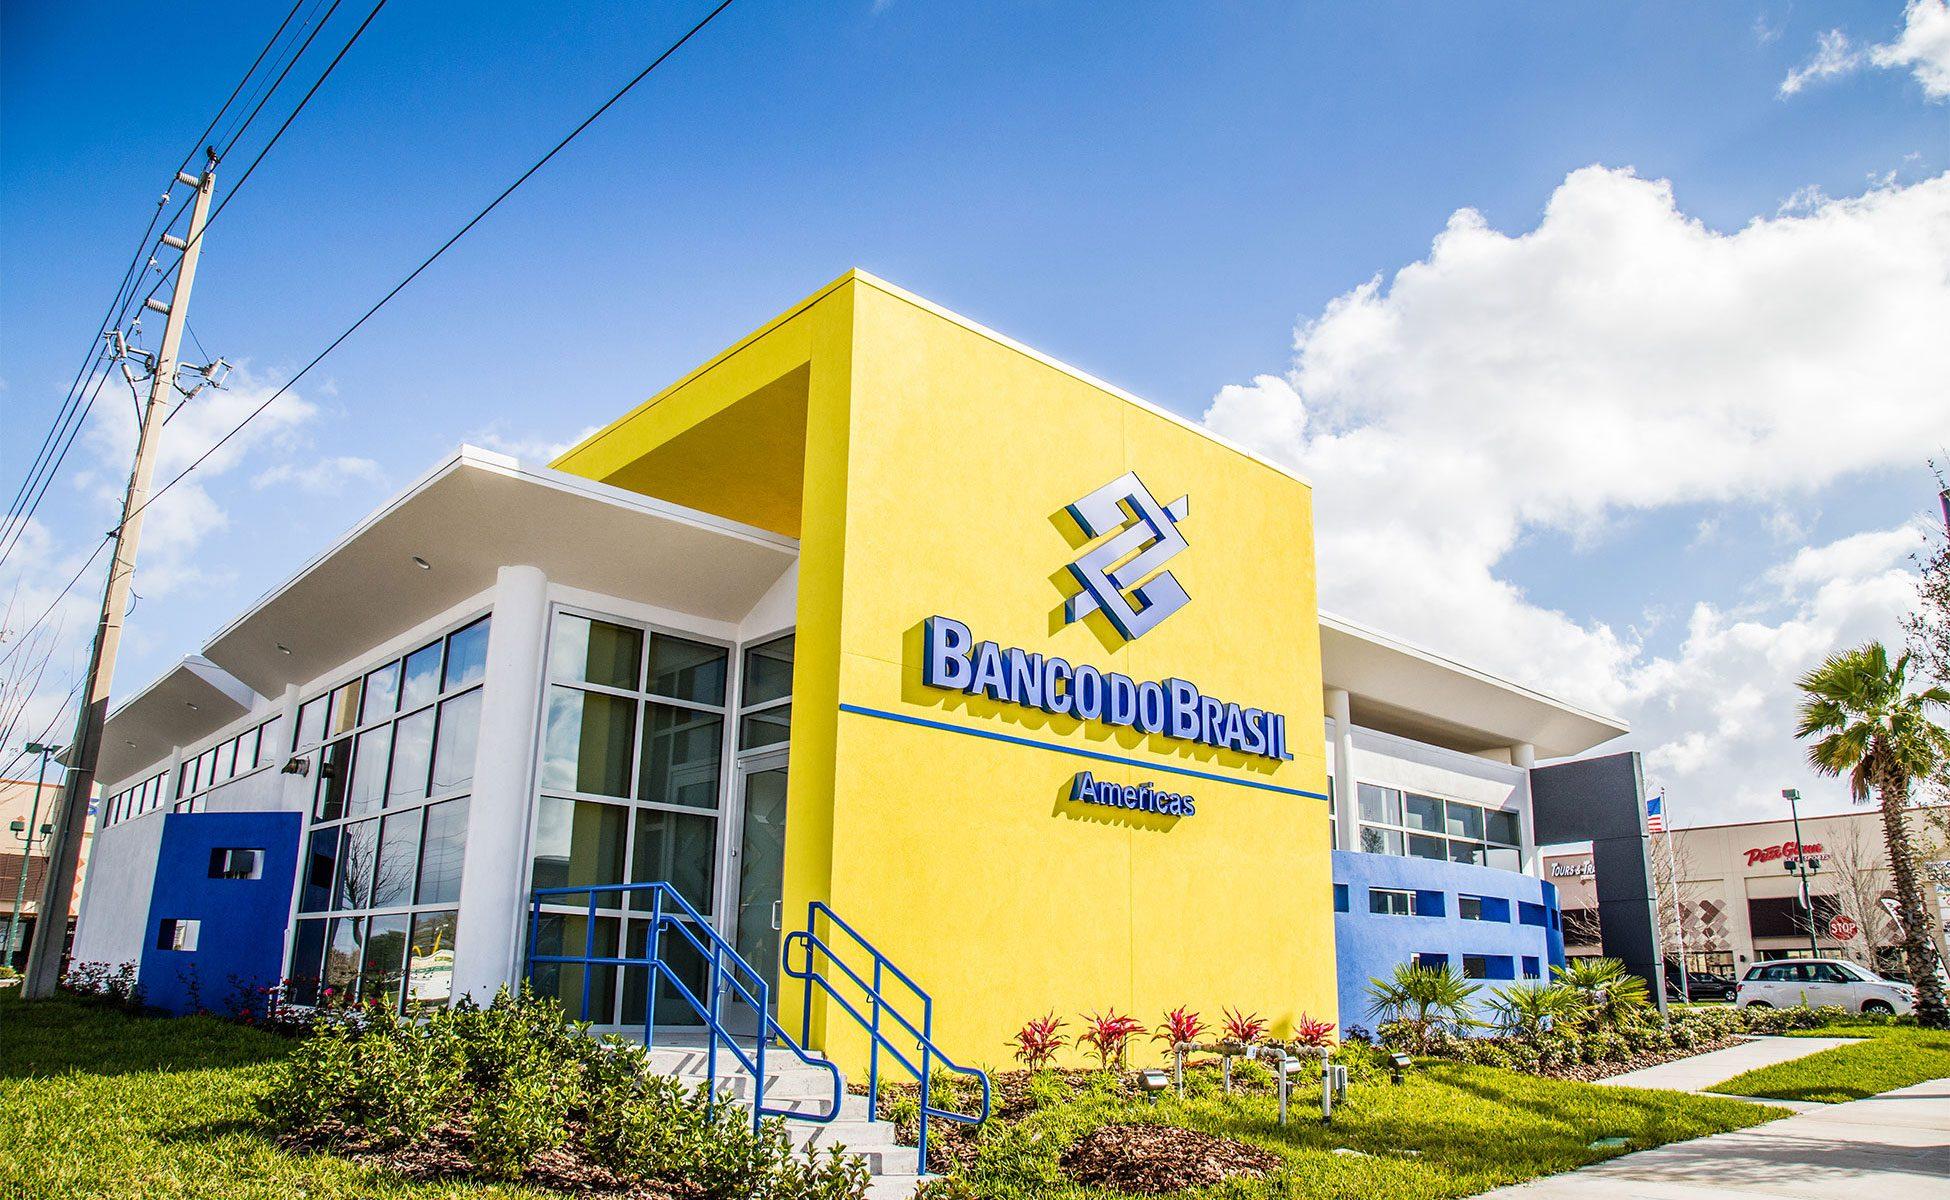 Albu-&-Associates-Inc-BancoDo-Brasil-Big